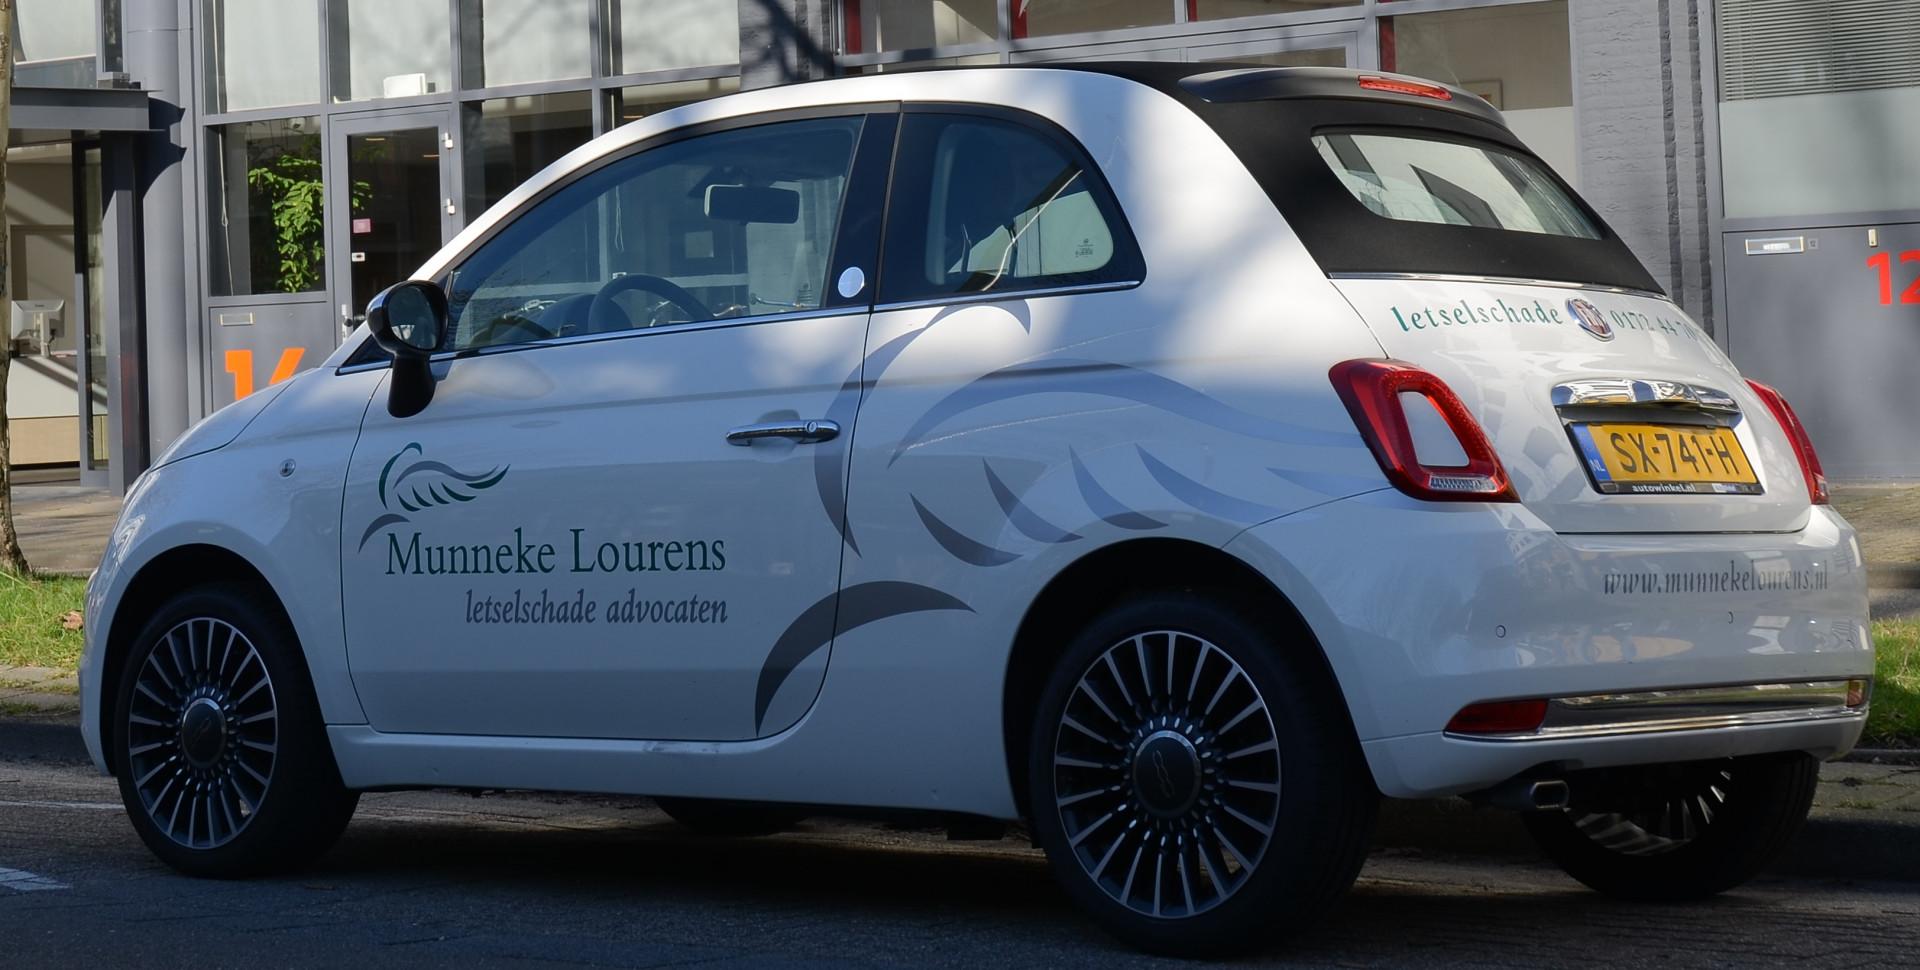 De 'tuktuk' van Munneke Lourens Advocaten in het nieuws